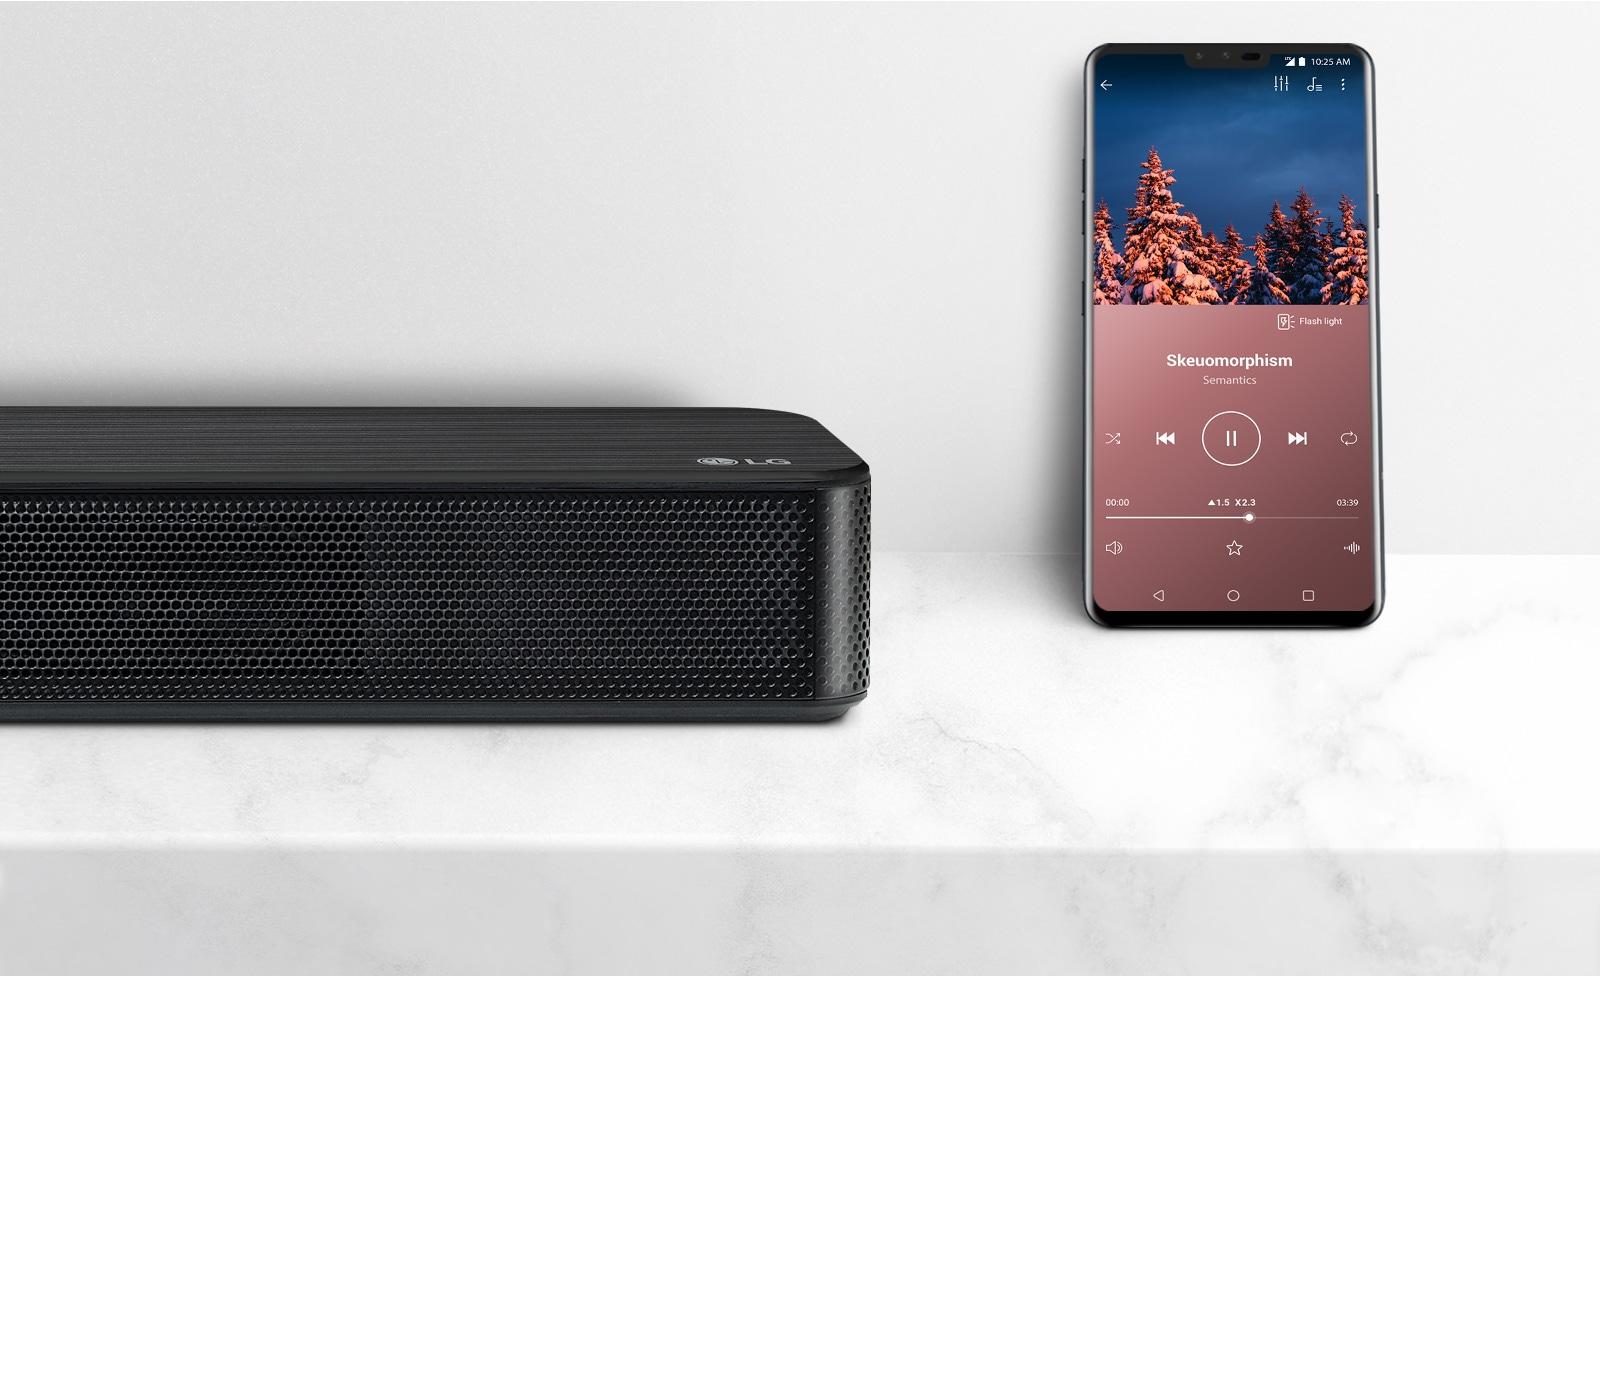 Ráközelítés az LG hangprojektor jobb oldalára, mellette egy okostelefon. Két eszköz a fehér polcon.